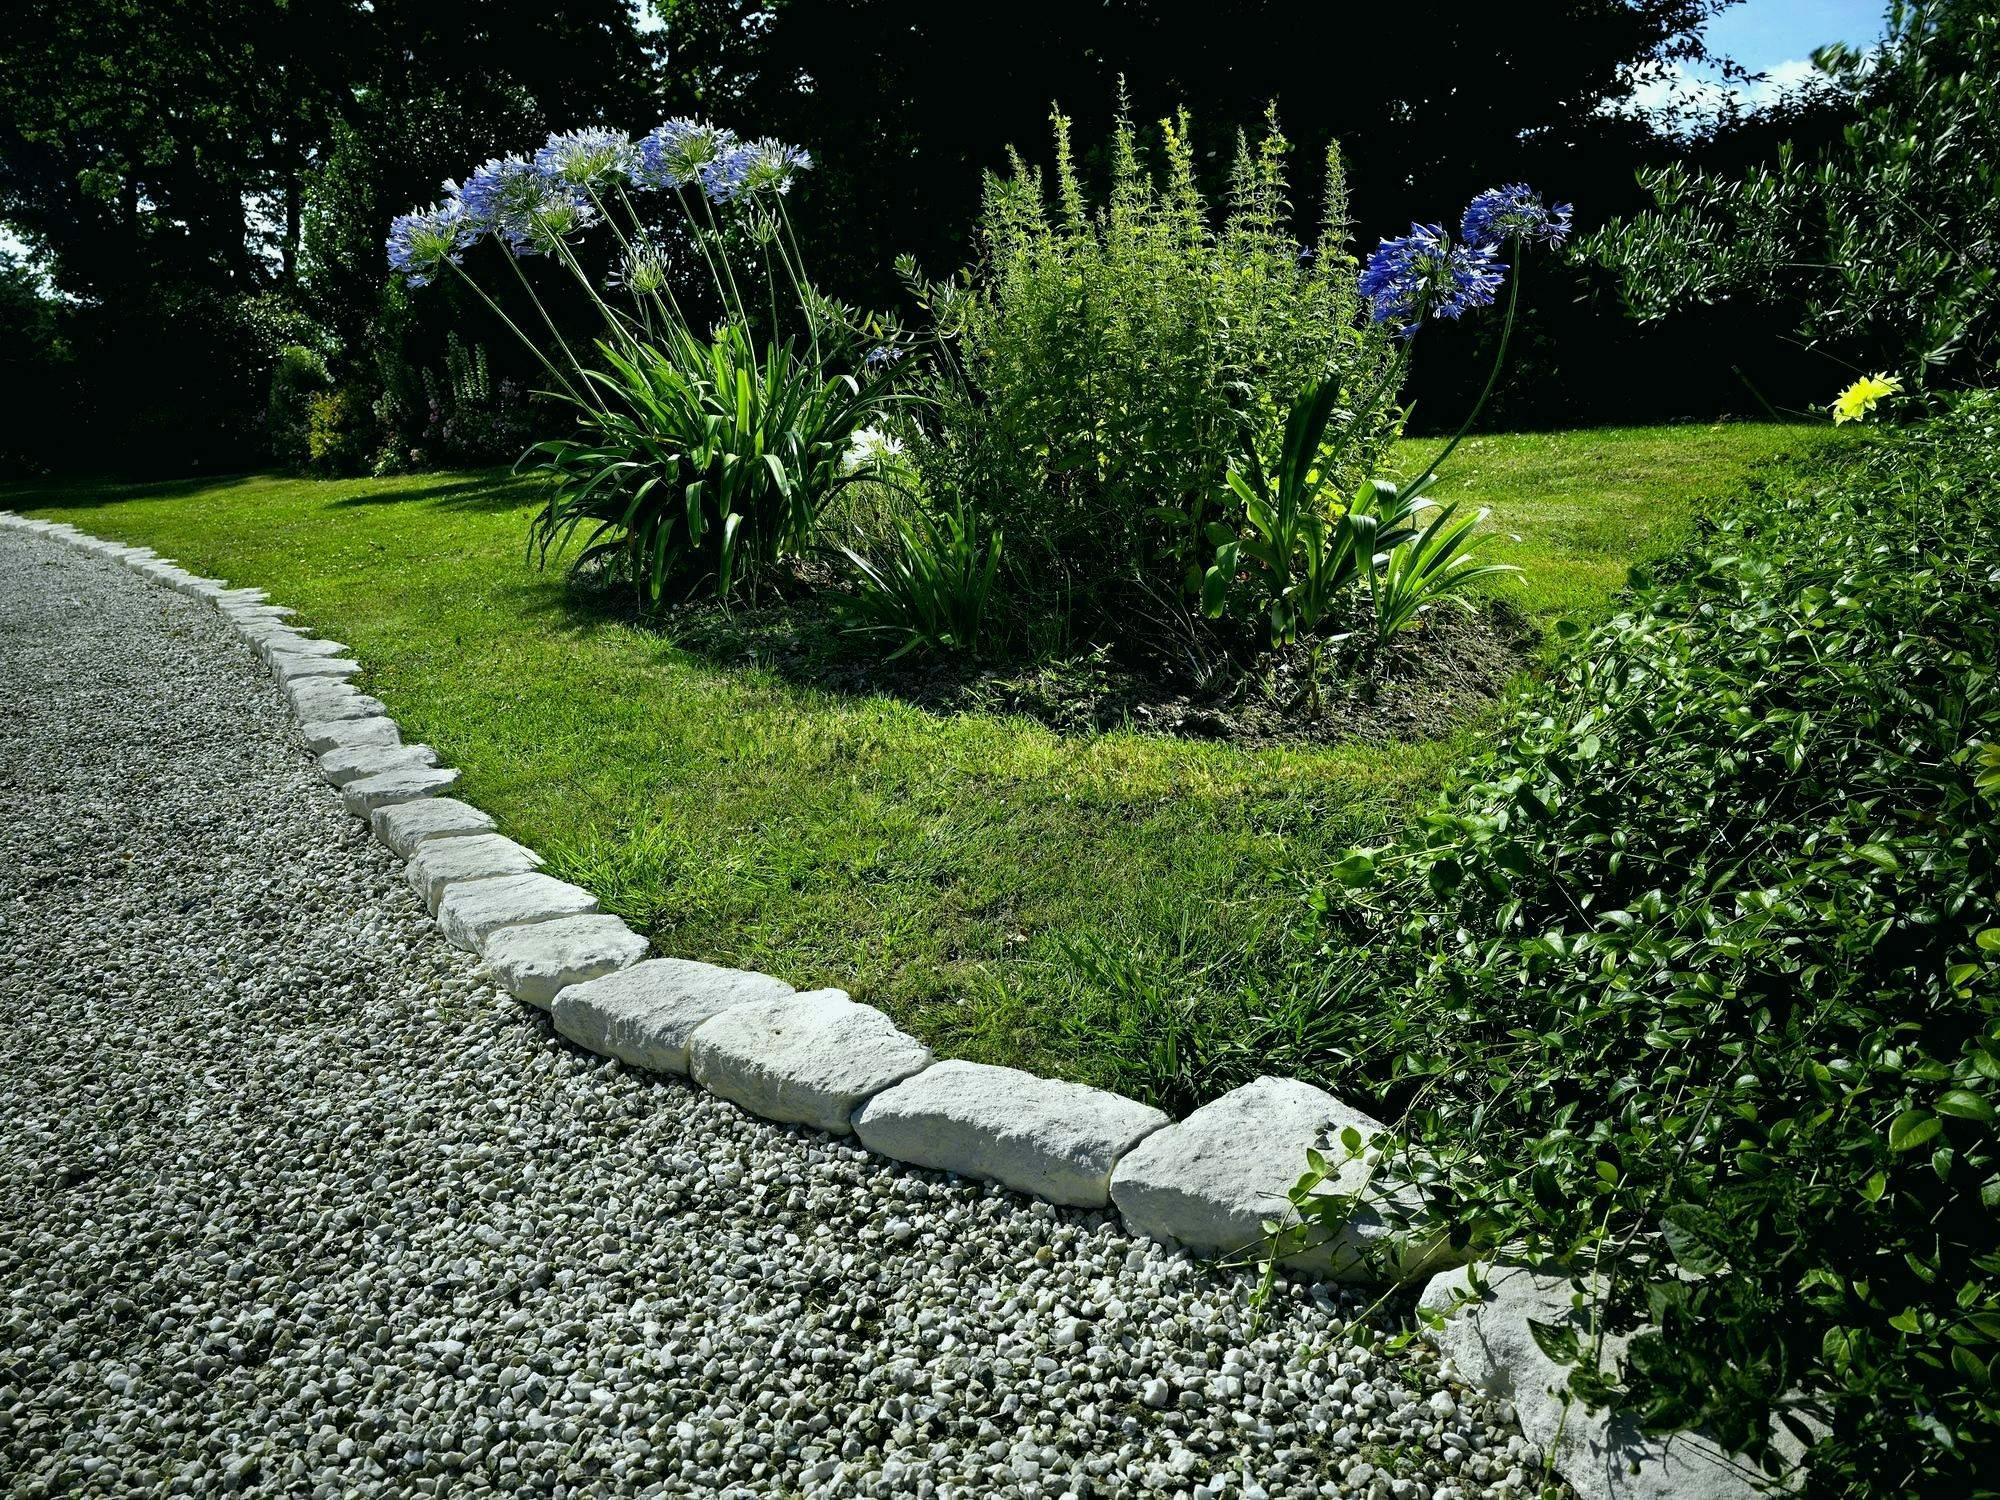 Bordure De Jardin En Pierre Pas Cher Nouveau Photos Bordure Ardoise Jardin Bordure Jardin Beton Brico Depot Meilleur